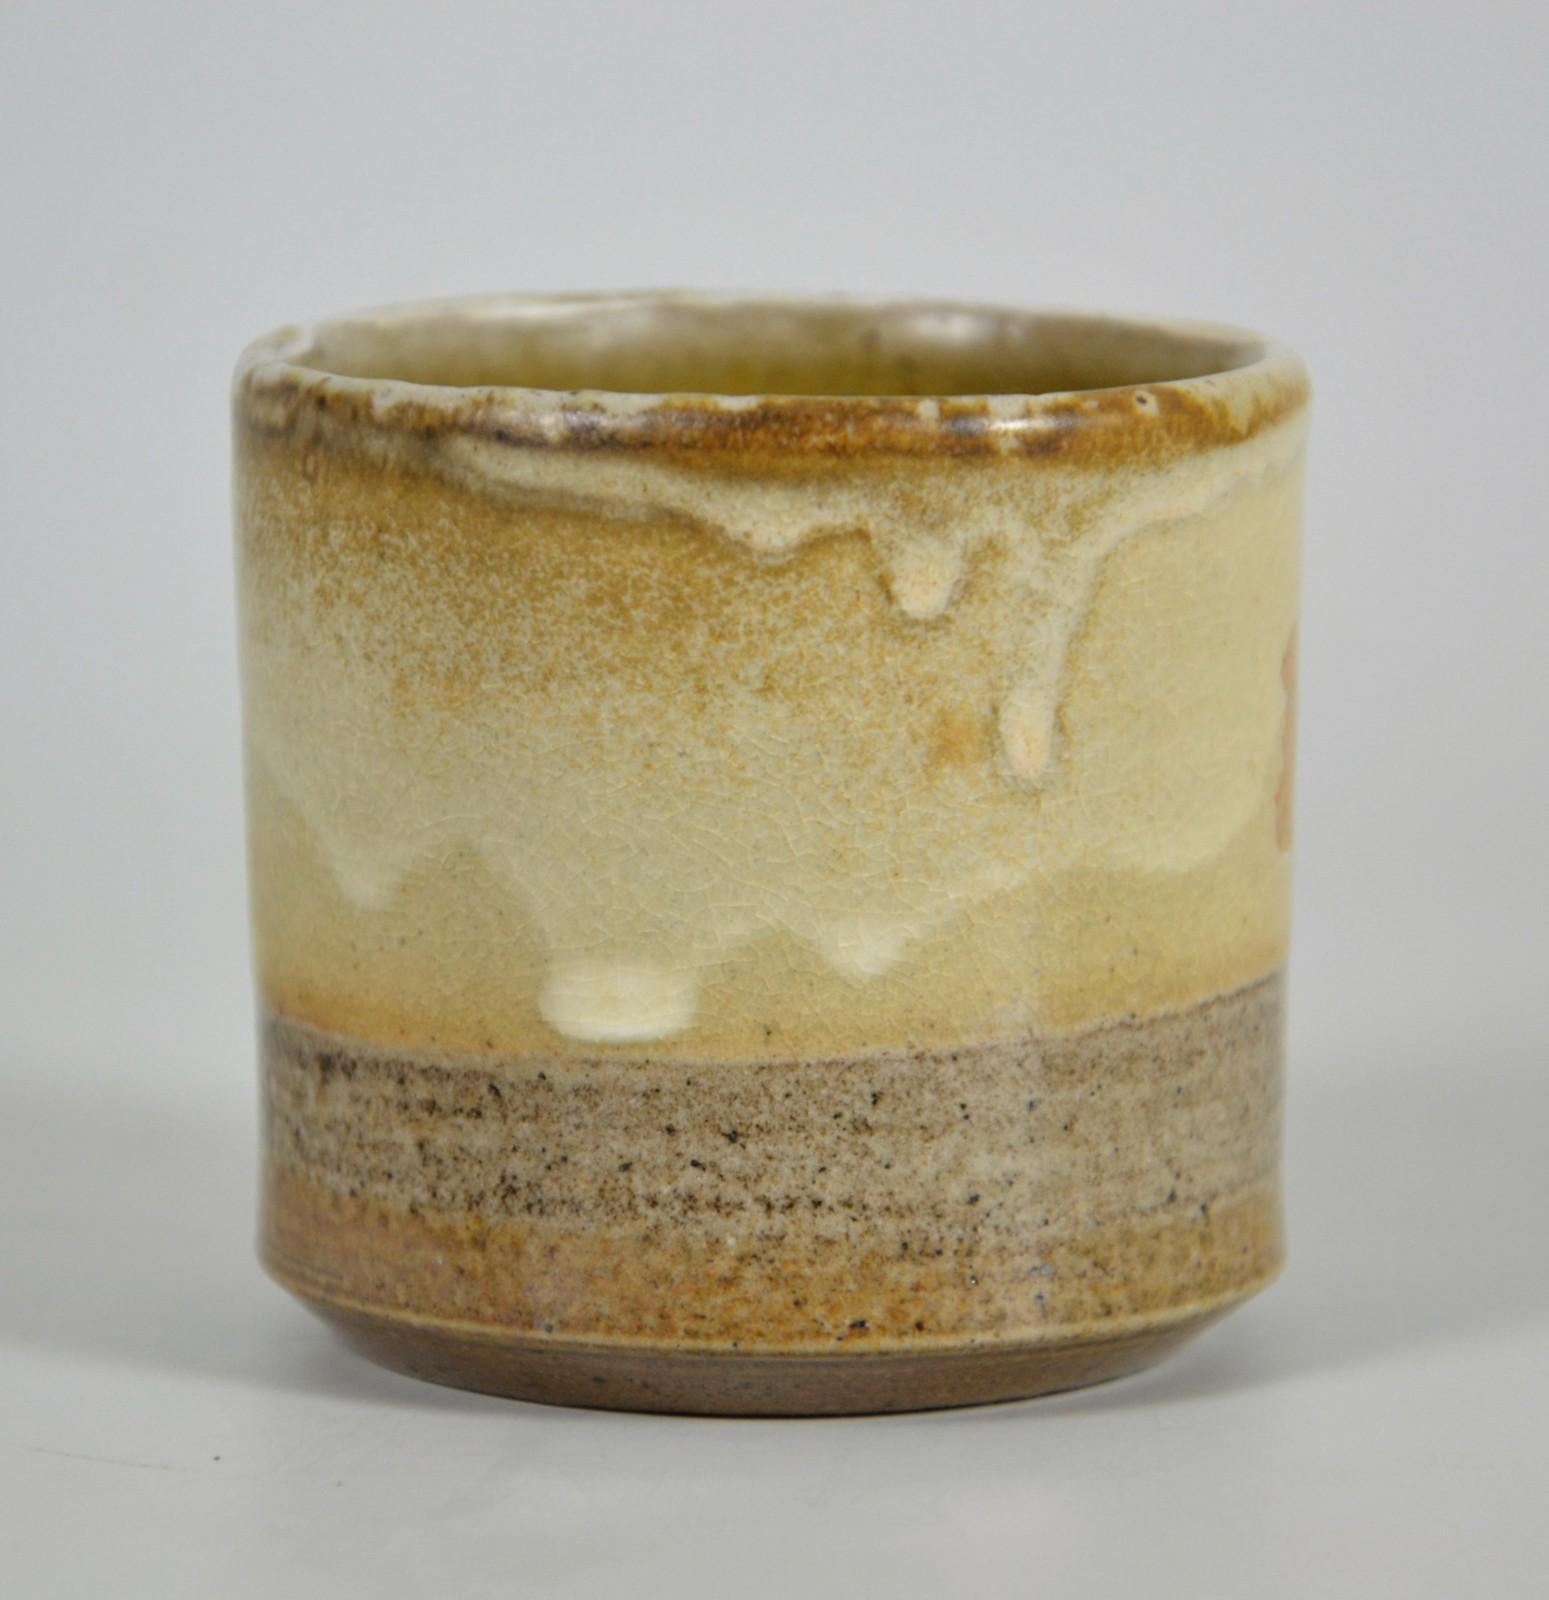 Cremefarbener beige espresso kaffe becher steinzeug handgetöpfert